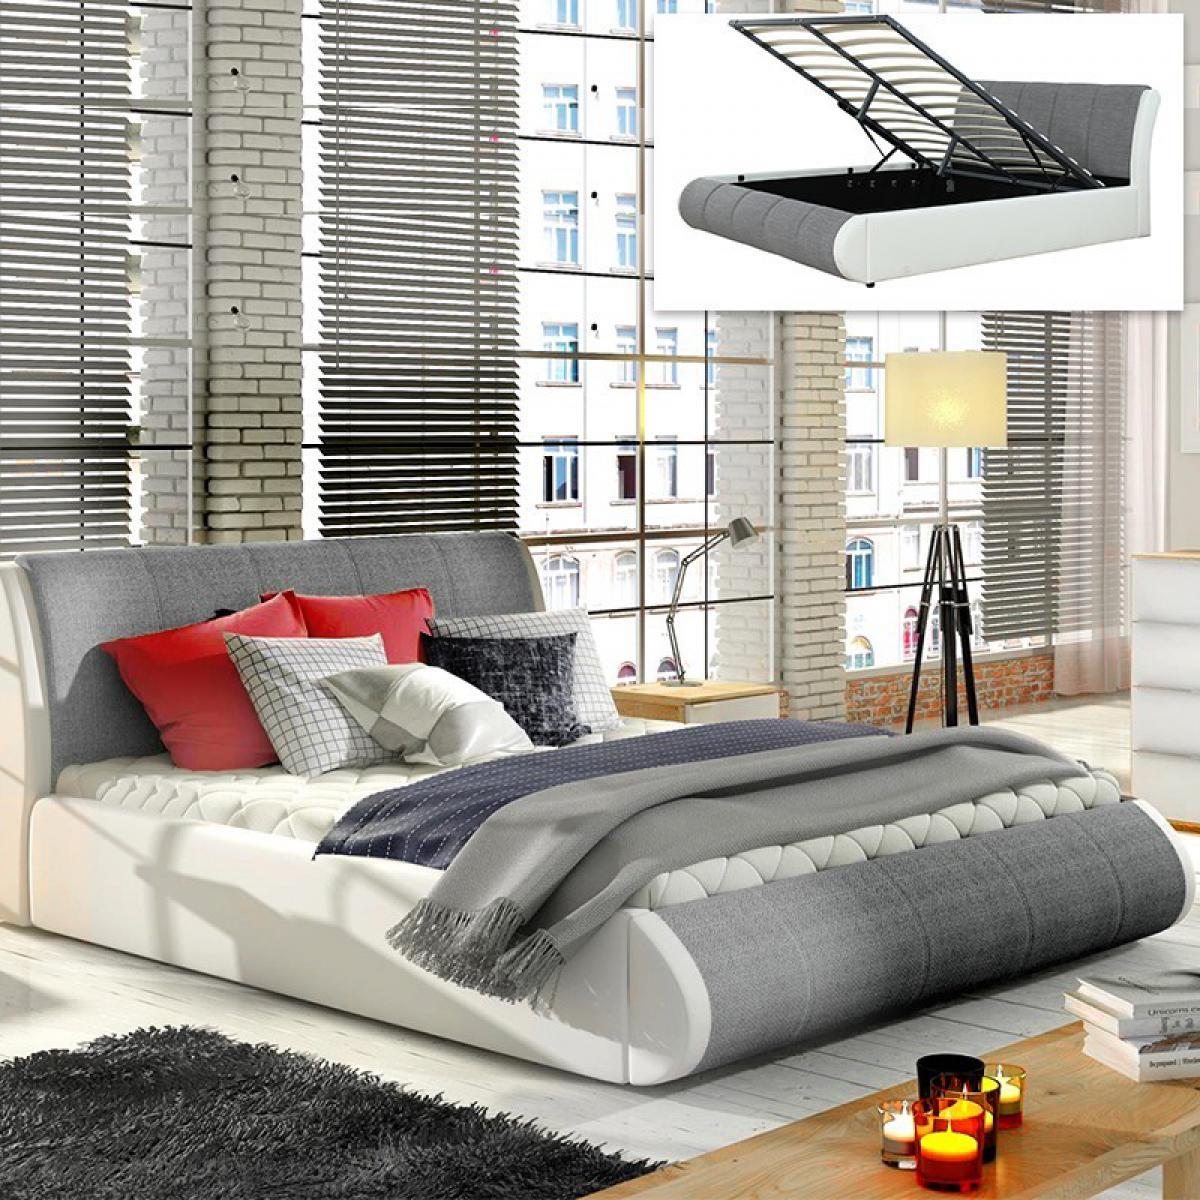 Meubler Design LIT COFFRE XENON AVEC SOMMIER - Gris tissu - 160x200